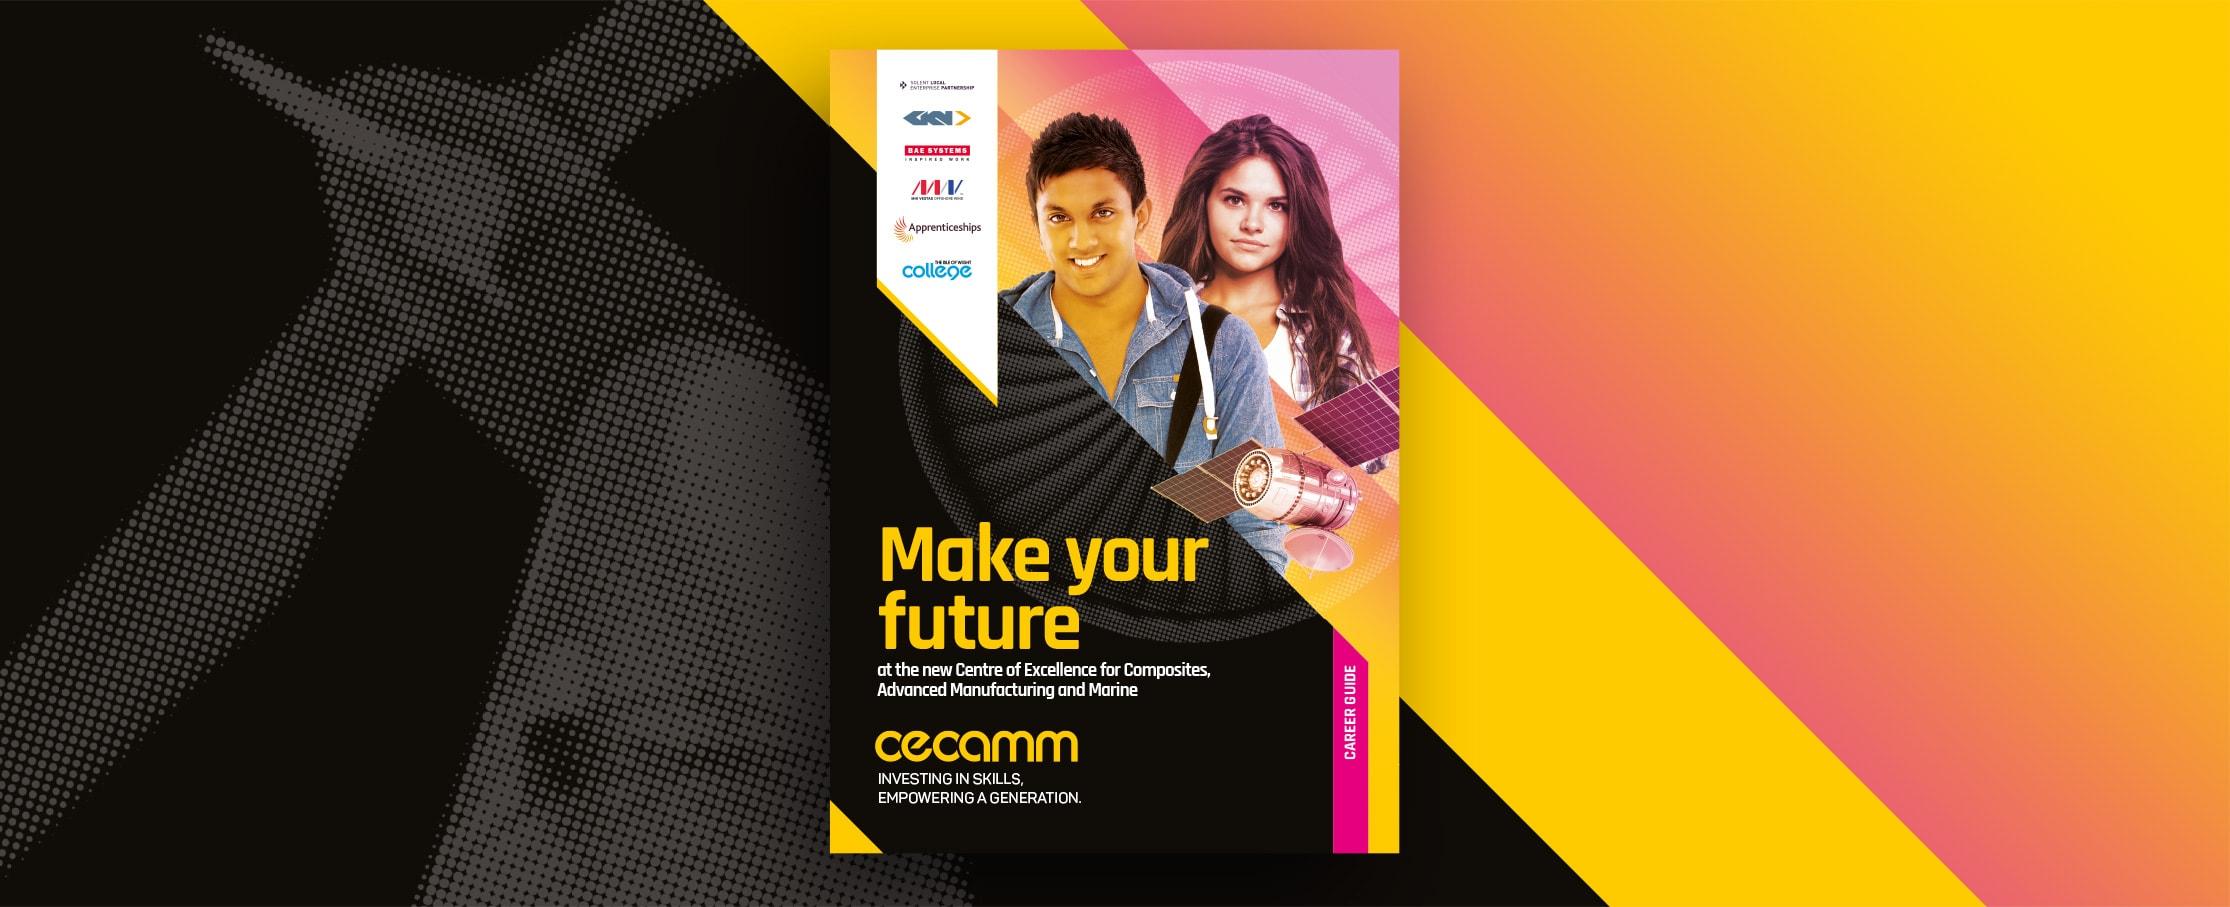 Prospectus cover design IOW CECAMM college